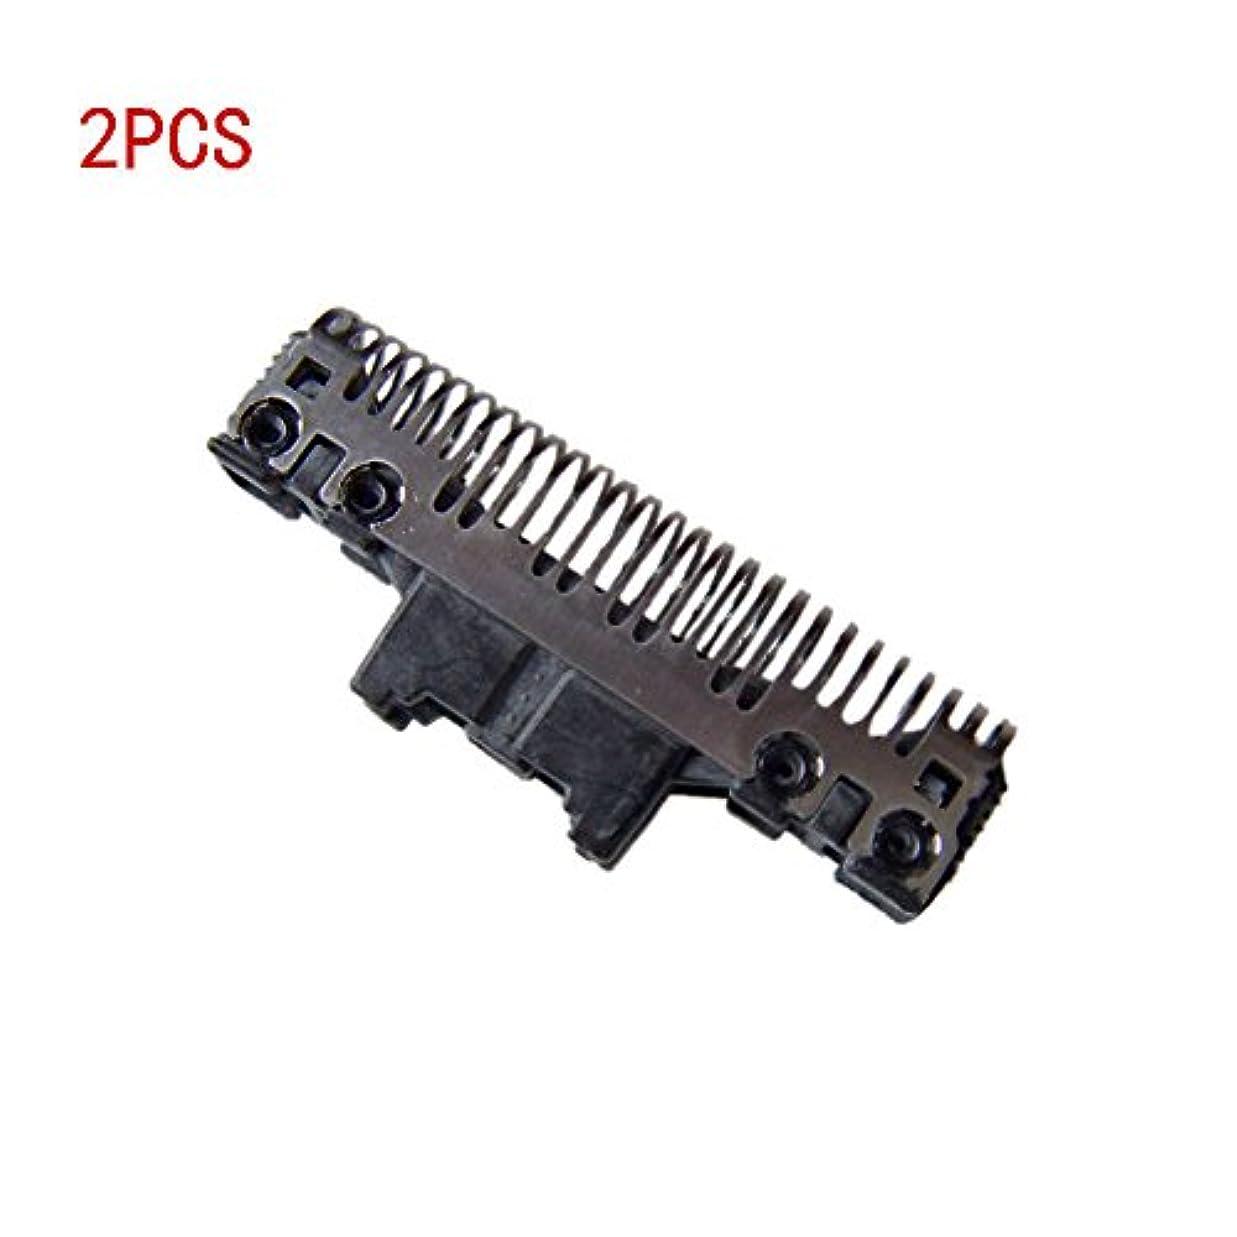 トースト帰する不完全なJanjunsi 回転式シェーバー シェーバーパーツ シェーバー 交換用 替刃 内刃 耐用 for Panasonic ES9072/7021/7022/7023/7026/7027/7006/7007